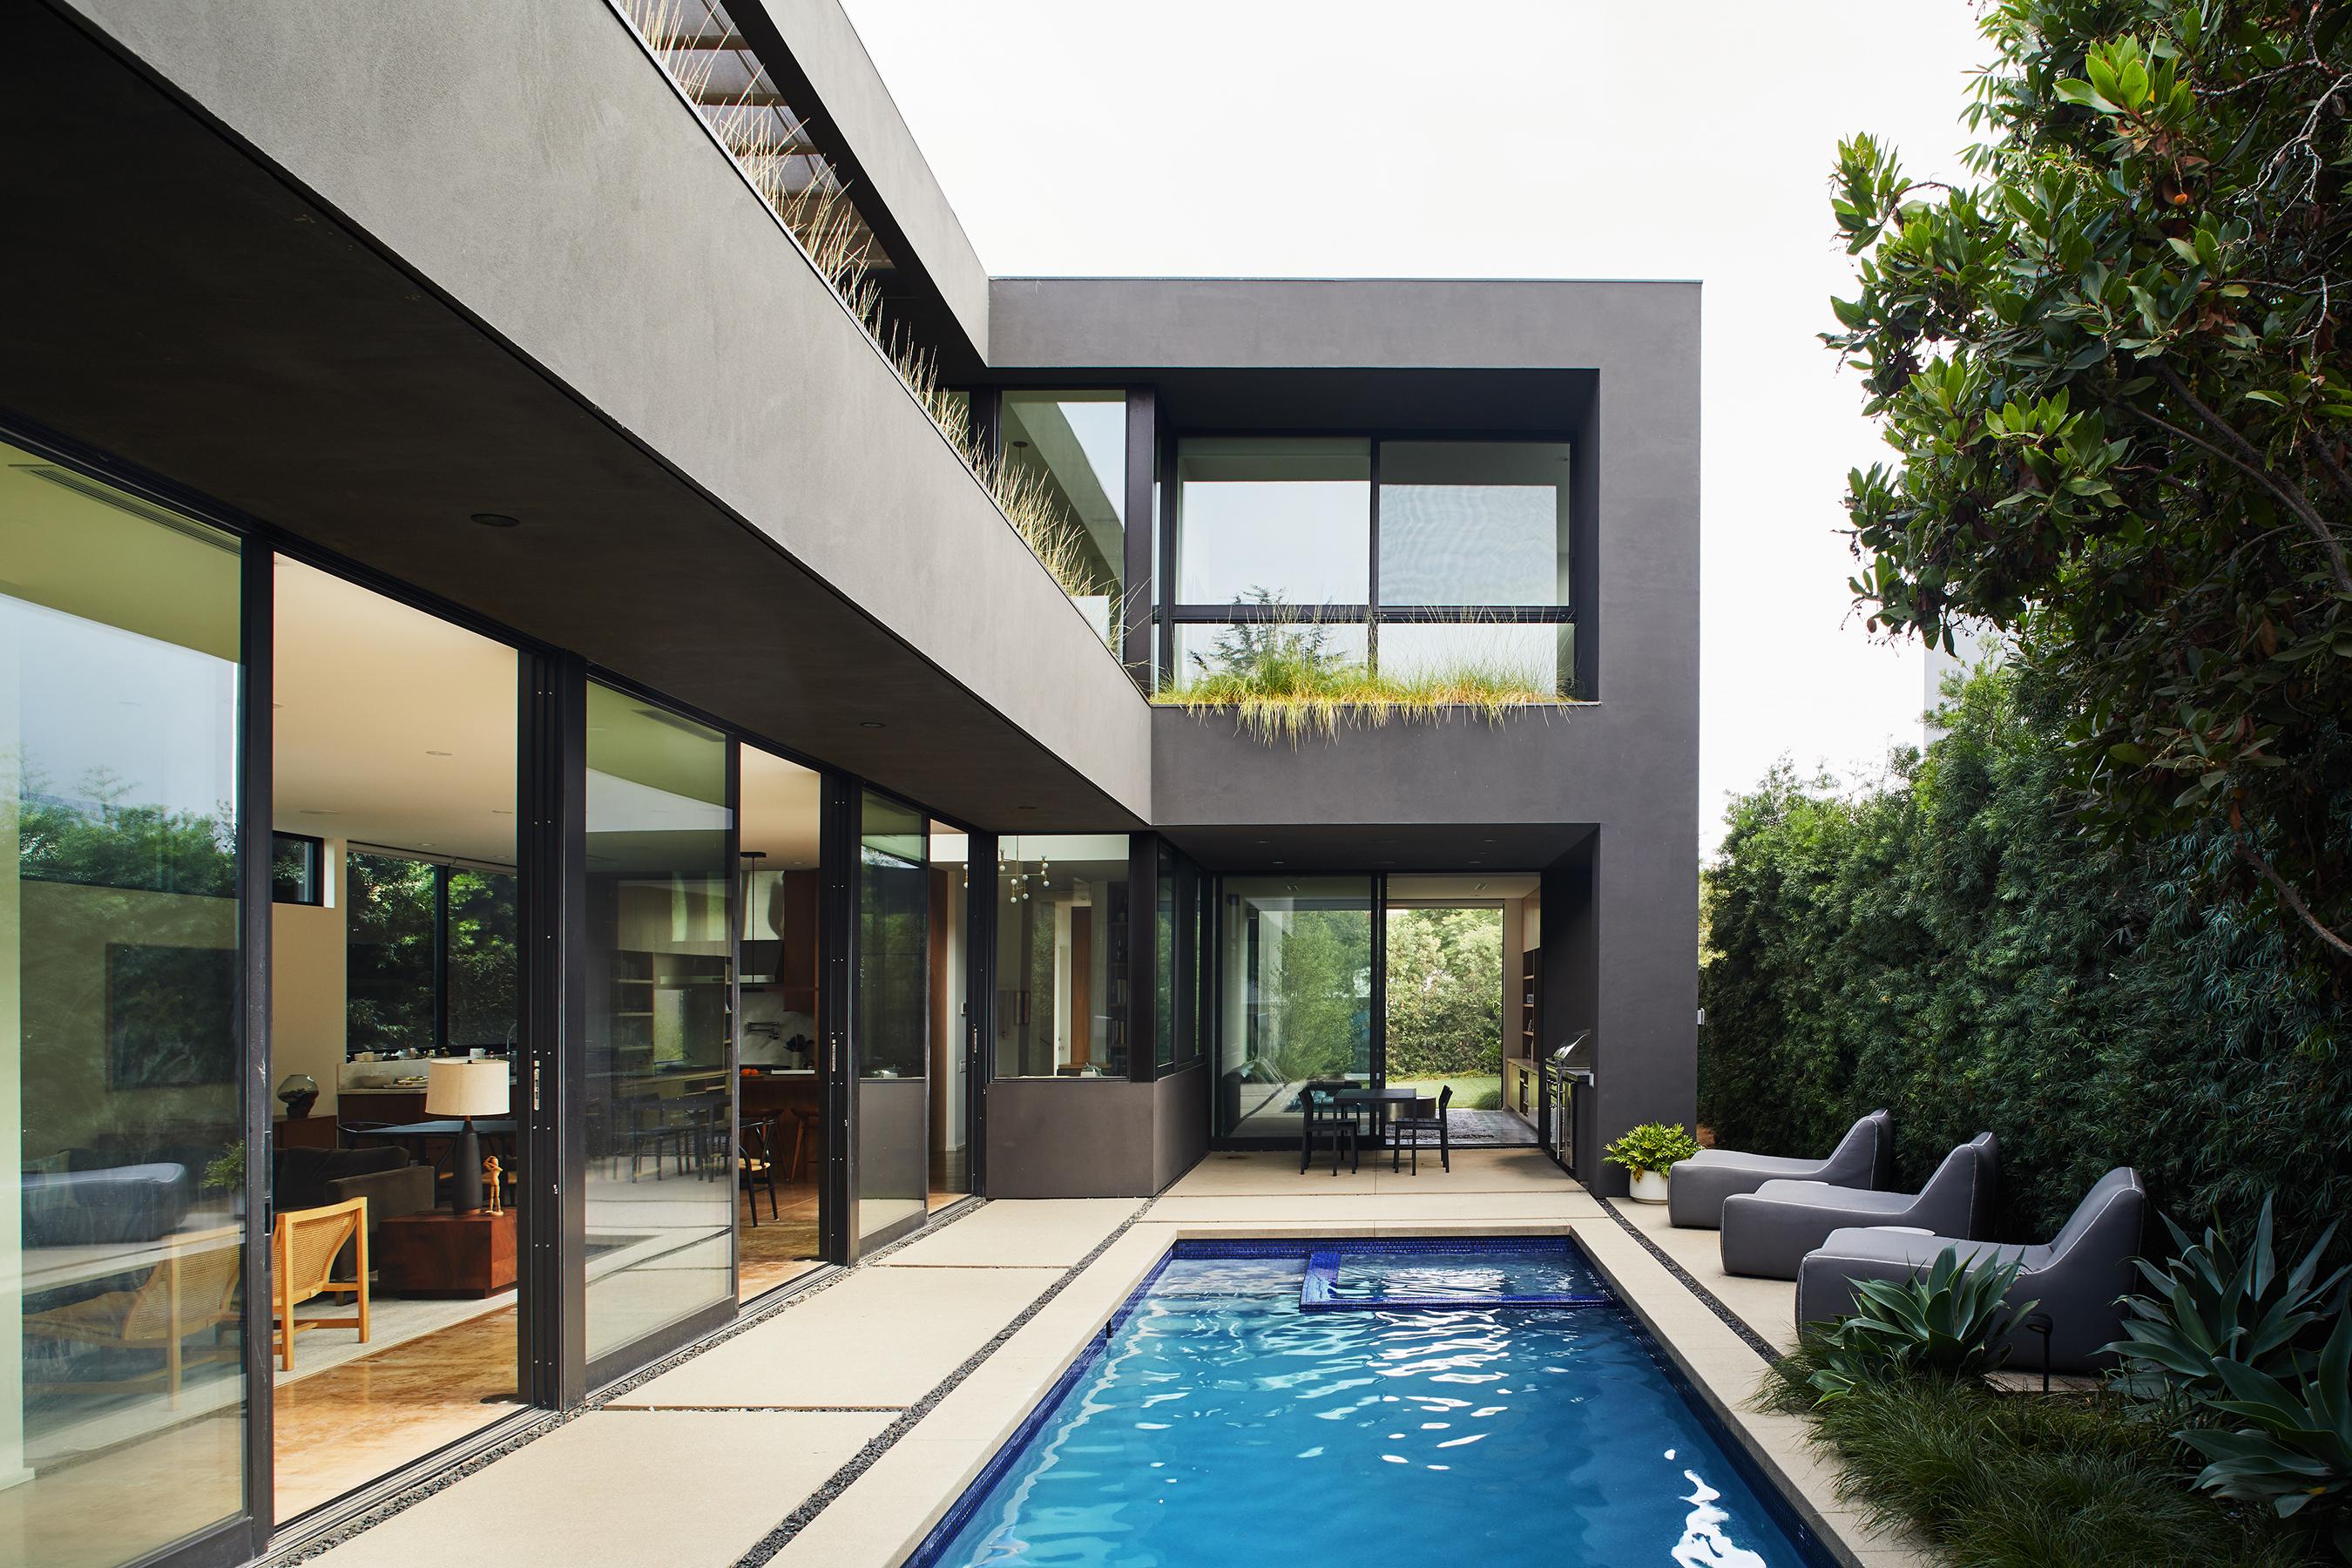 Boarding House Design Phi Html on